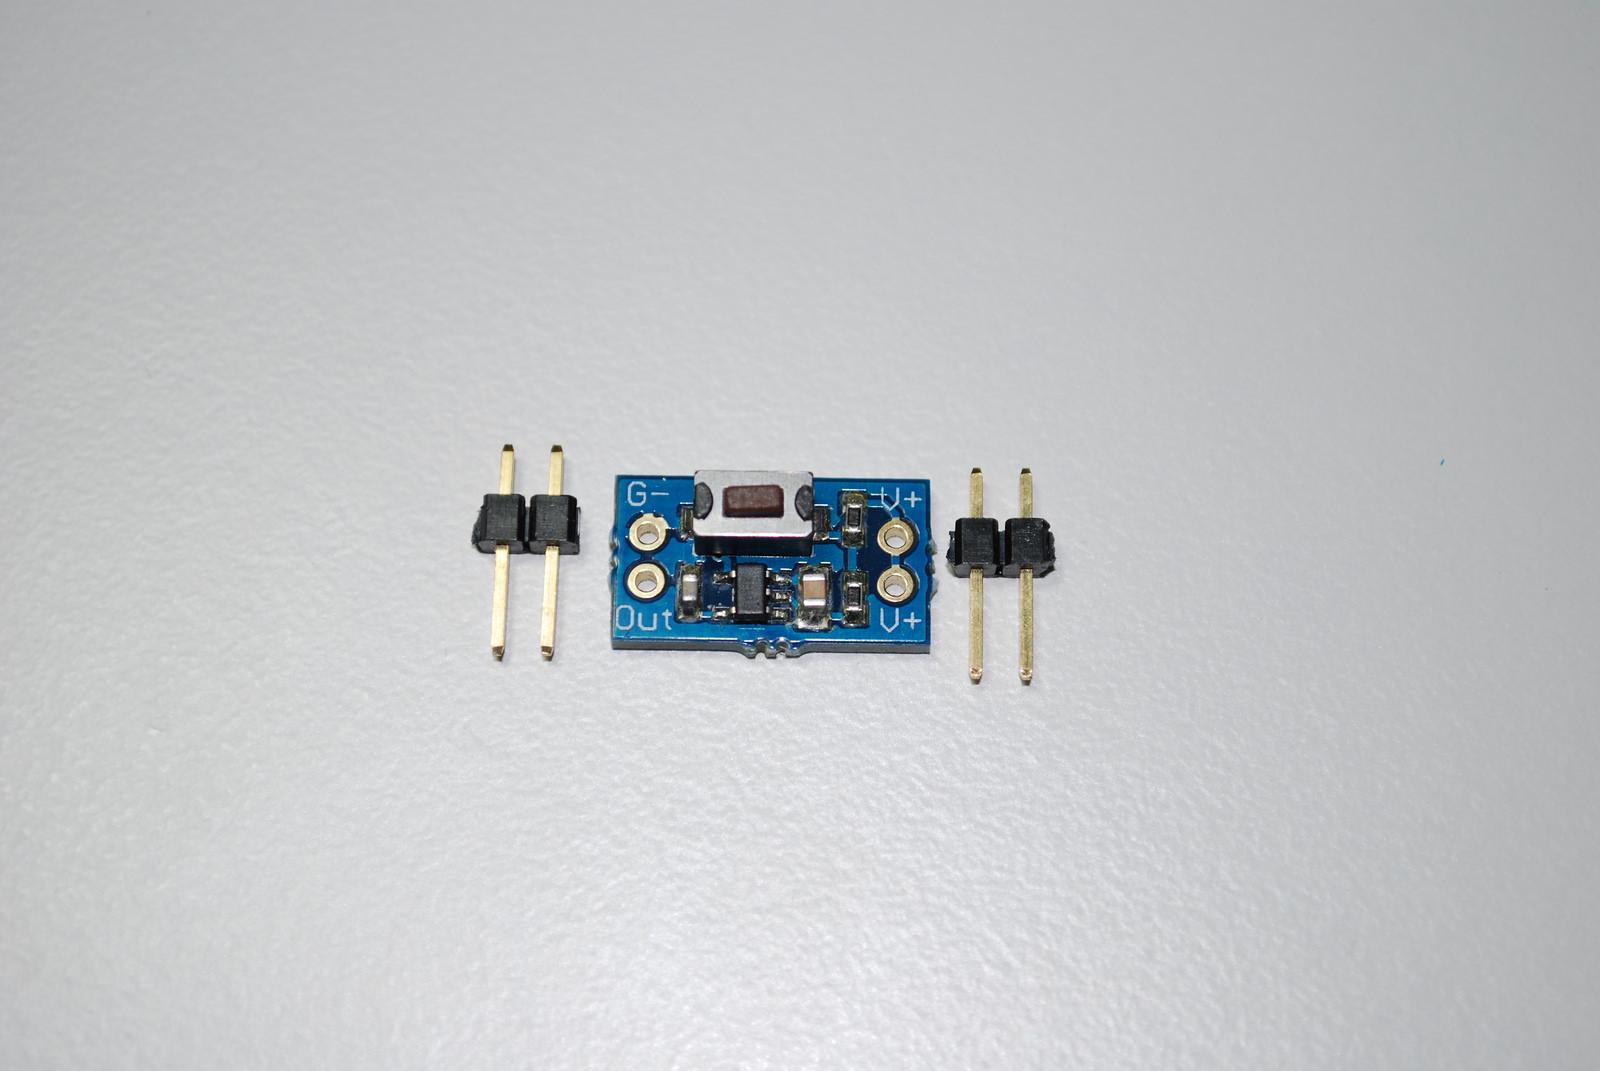 ecSwitch + connectors